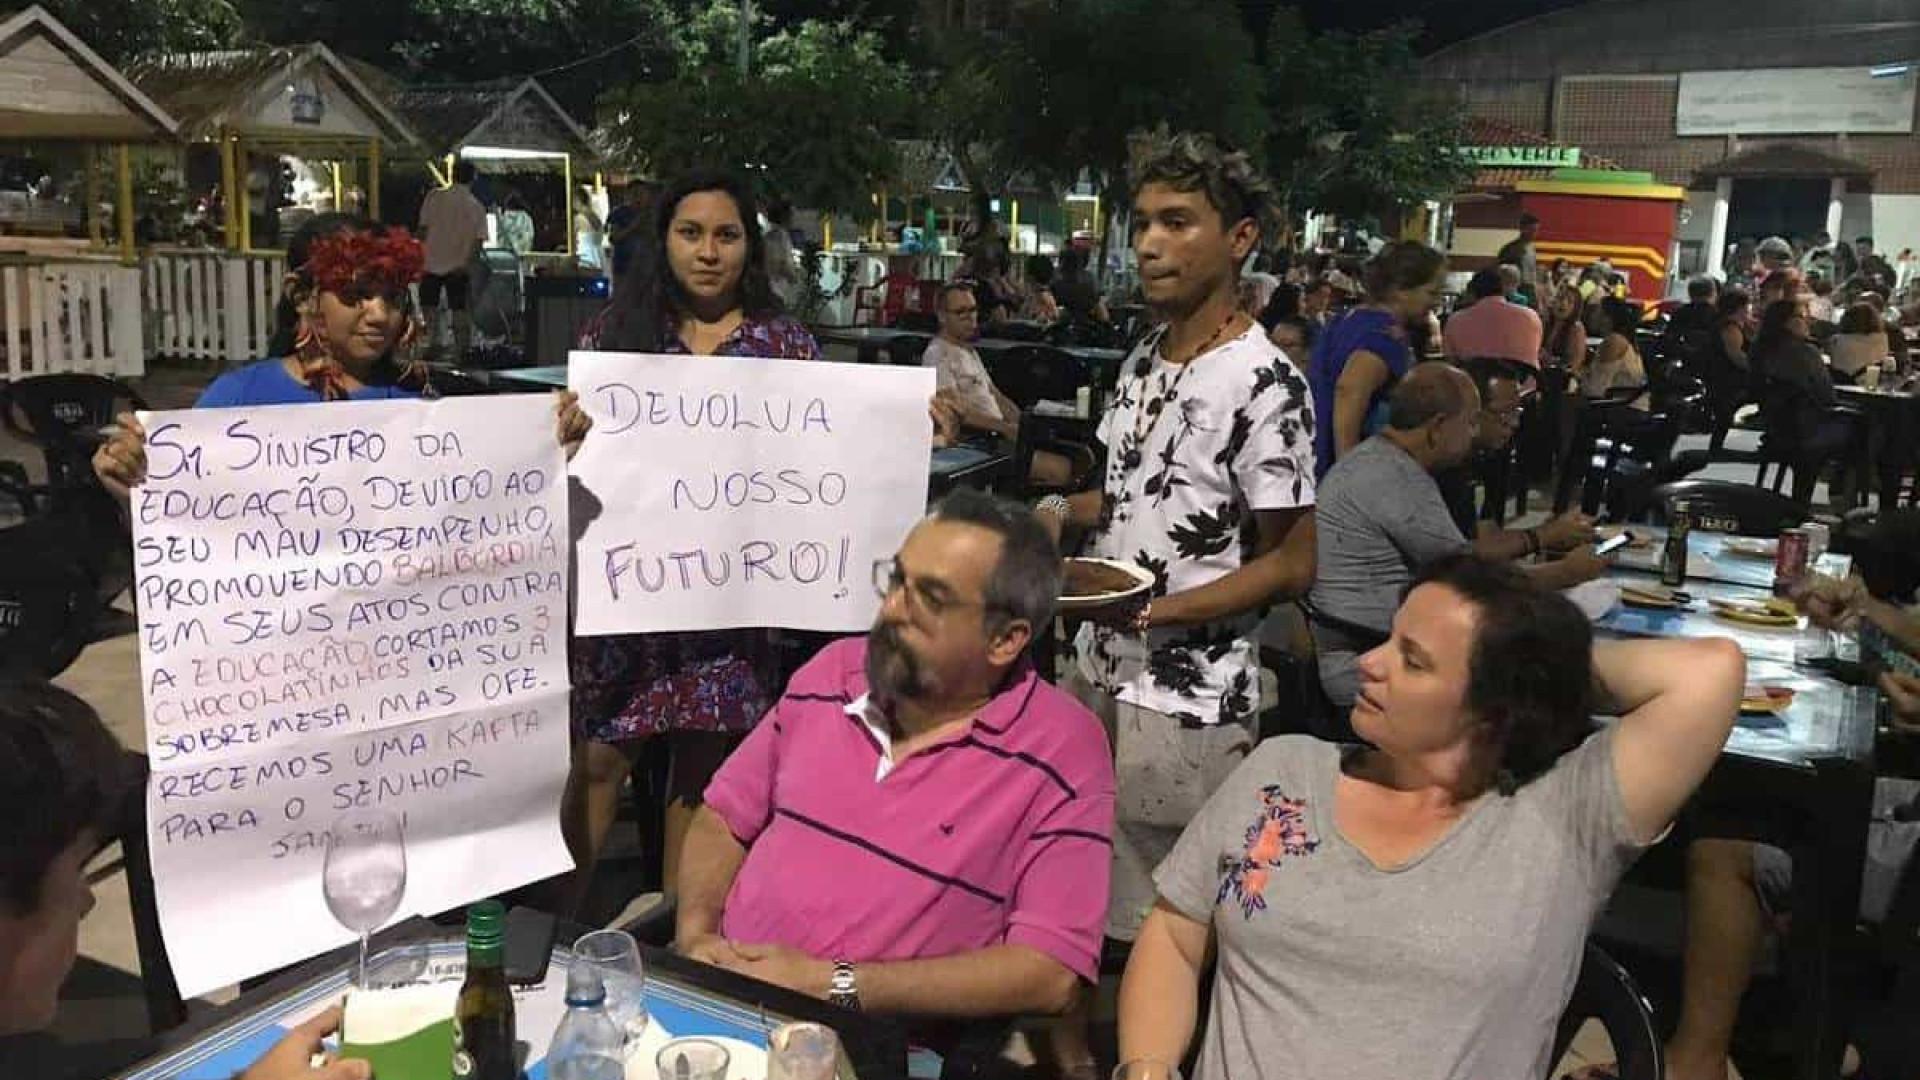 Duramente criticado, Ministro da Educação discute com jovens no Pará